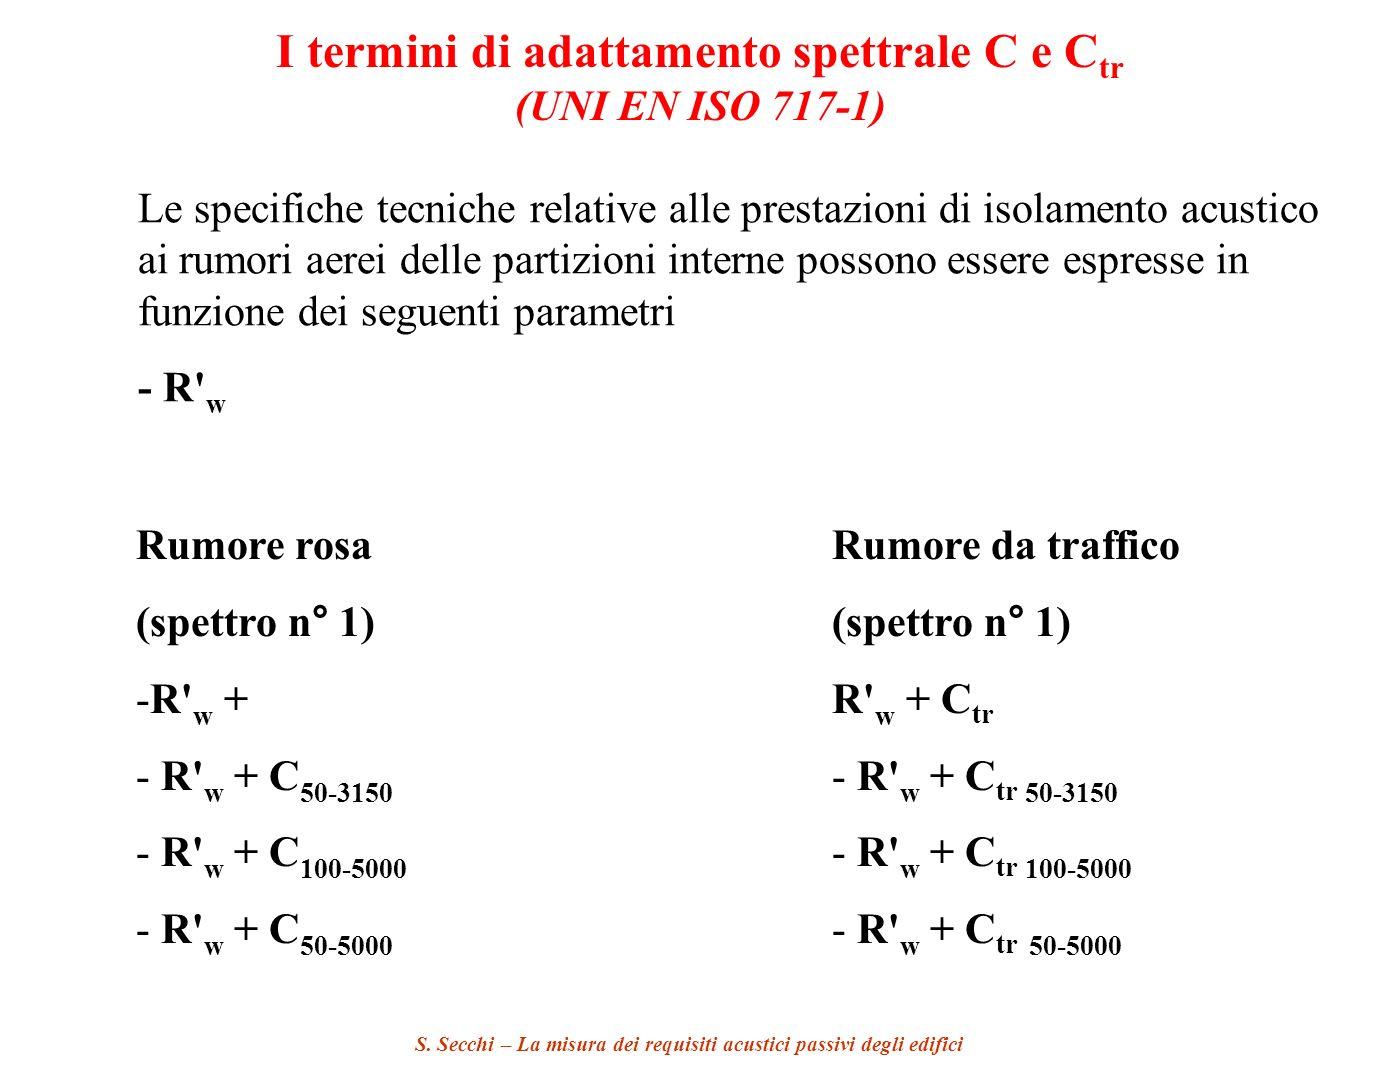 I termini di adattamento spettrale C e Ctr